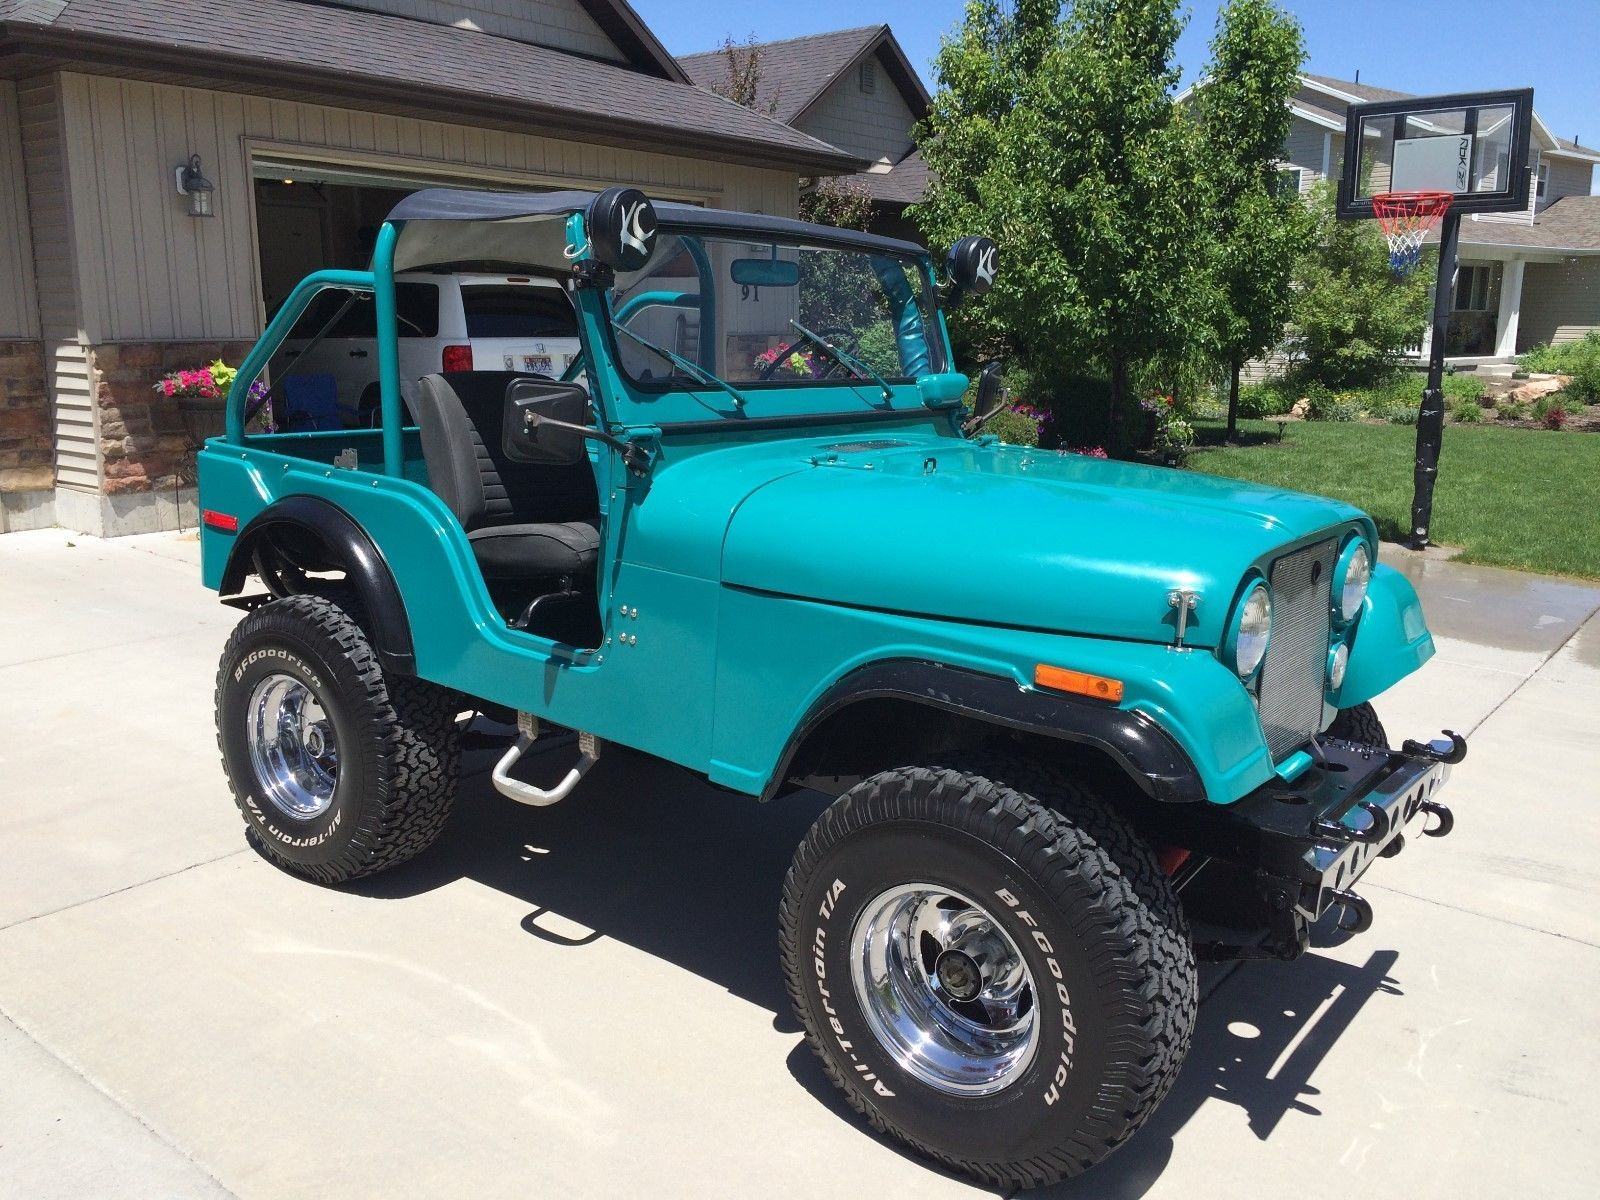 medium resolution of ebay 1972 jeep cj cj5 1972 jeep cj5 4x4 original 68k miles 2010 full build jeep jeeplife